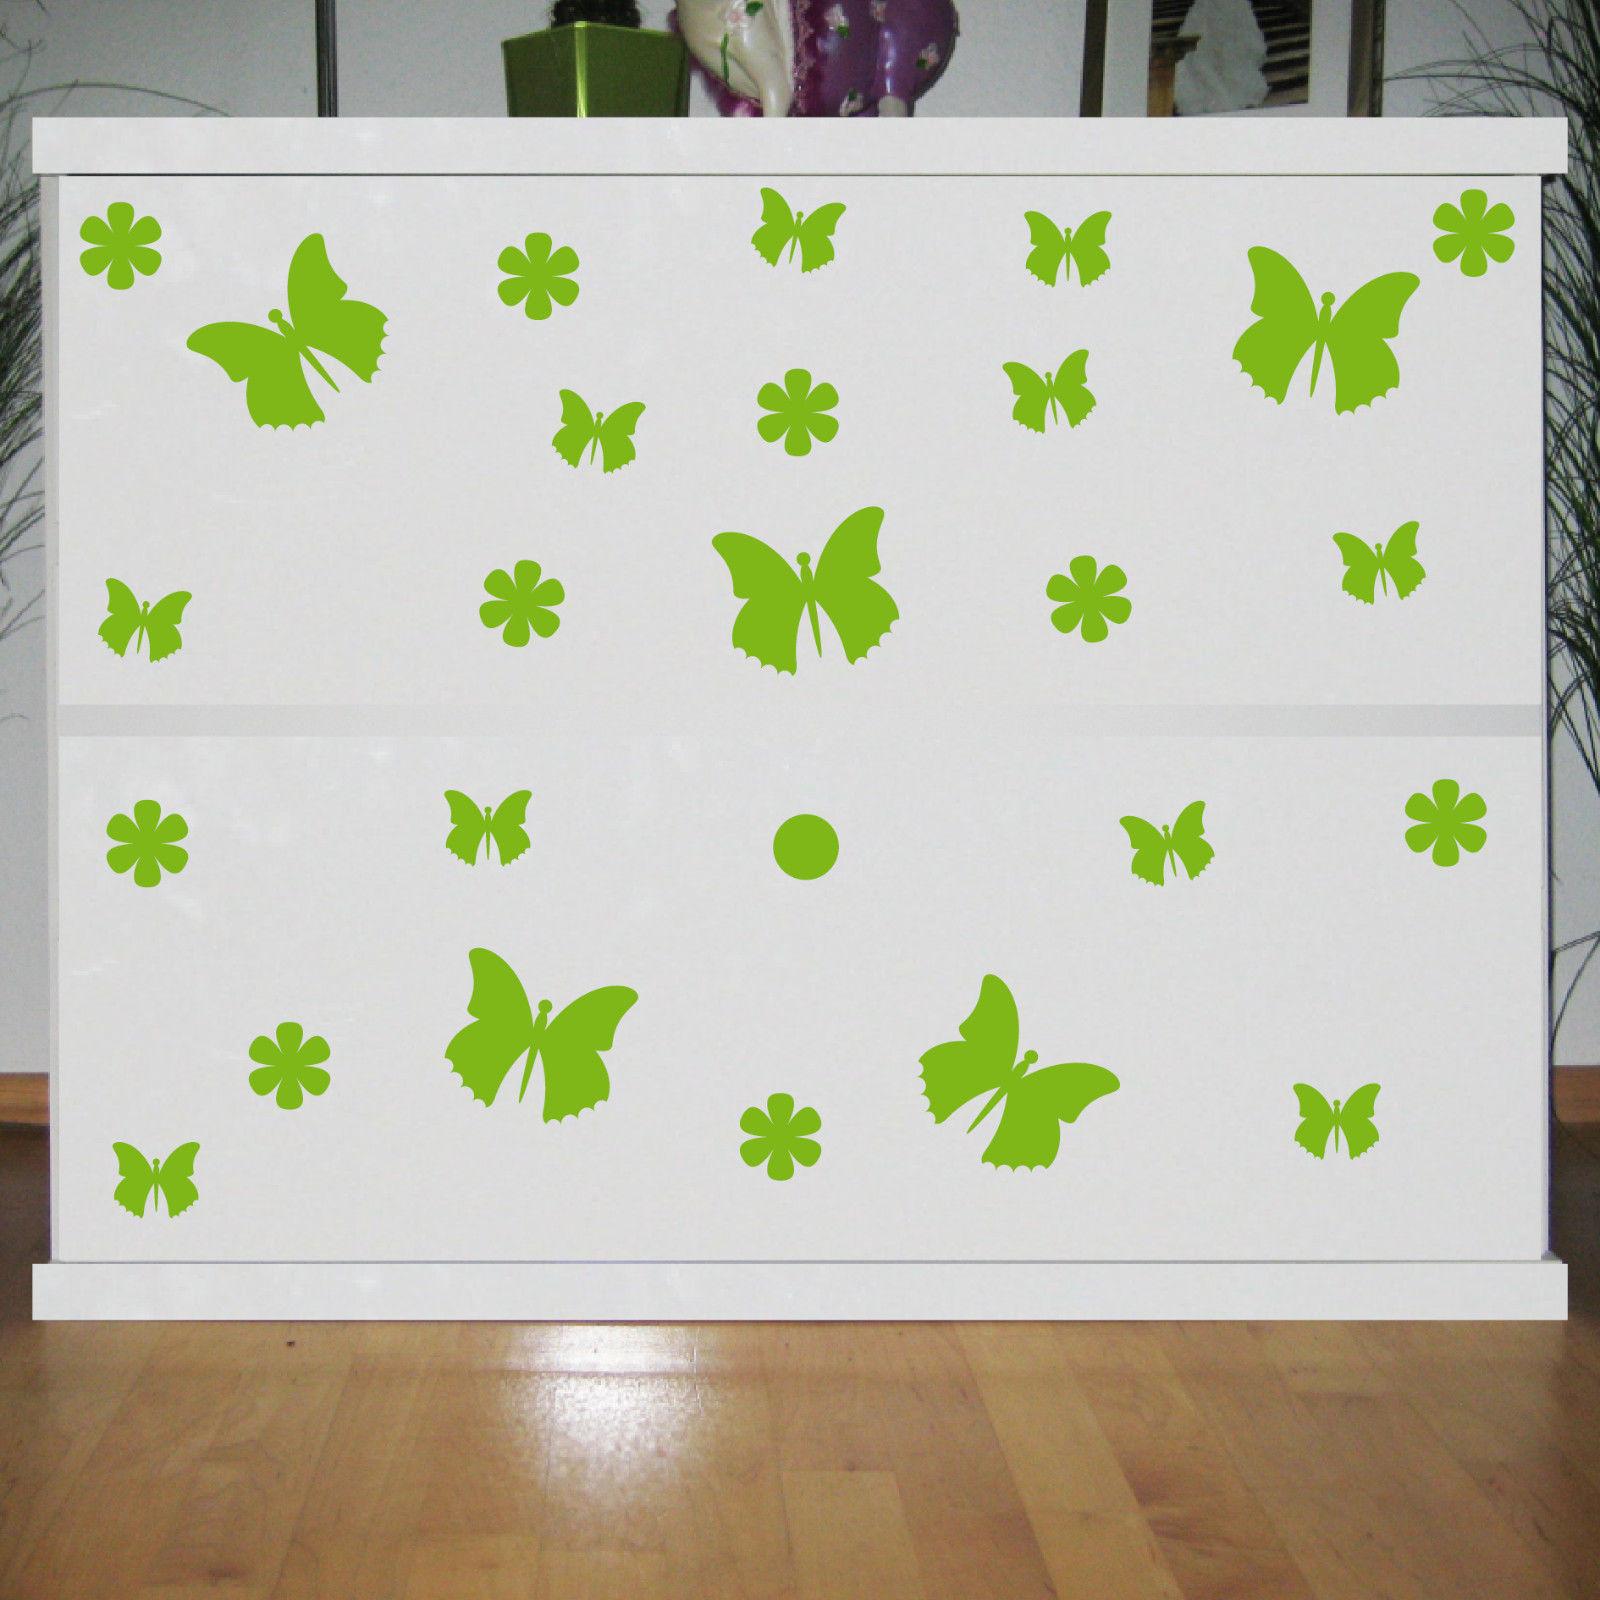 25 Aufkleber grün Schmetterlinge & Blumen Tattoo Schrank Komode Tür ...